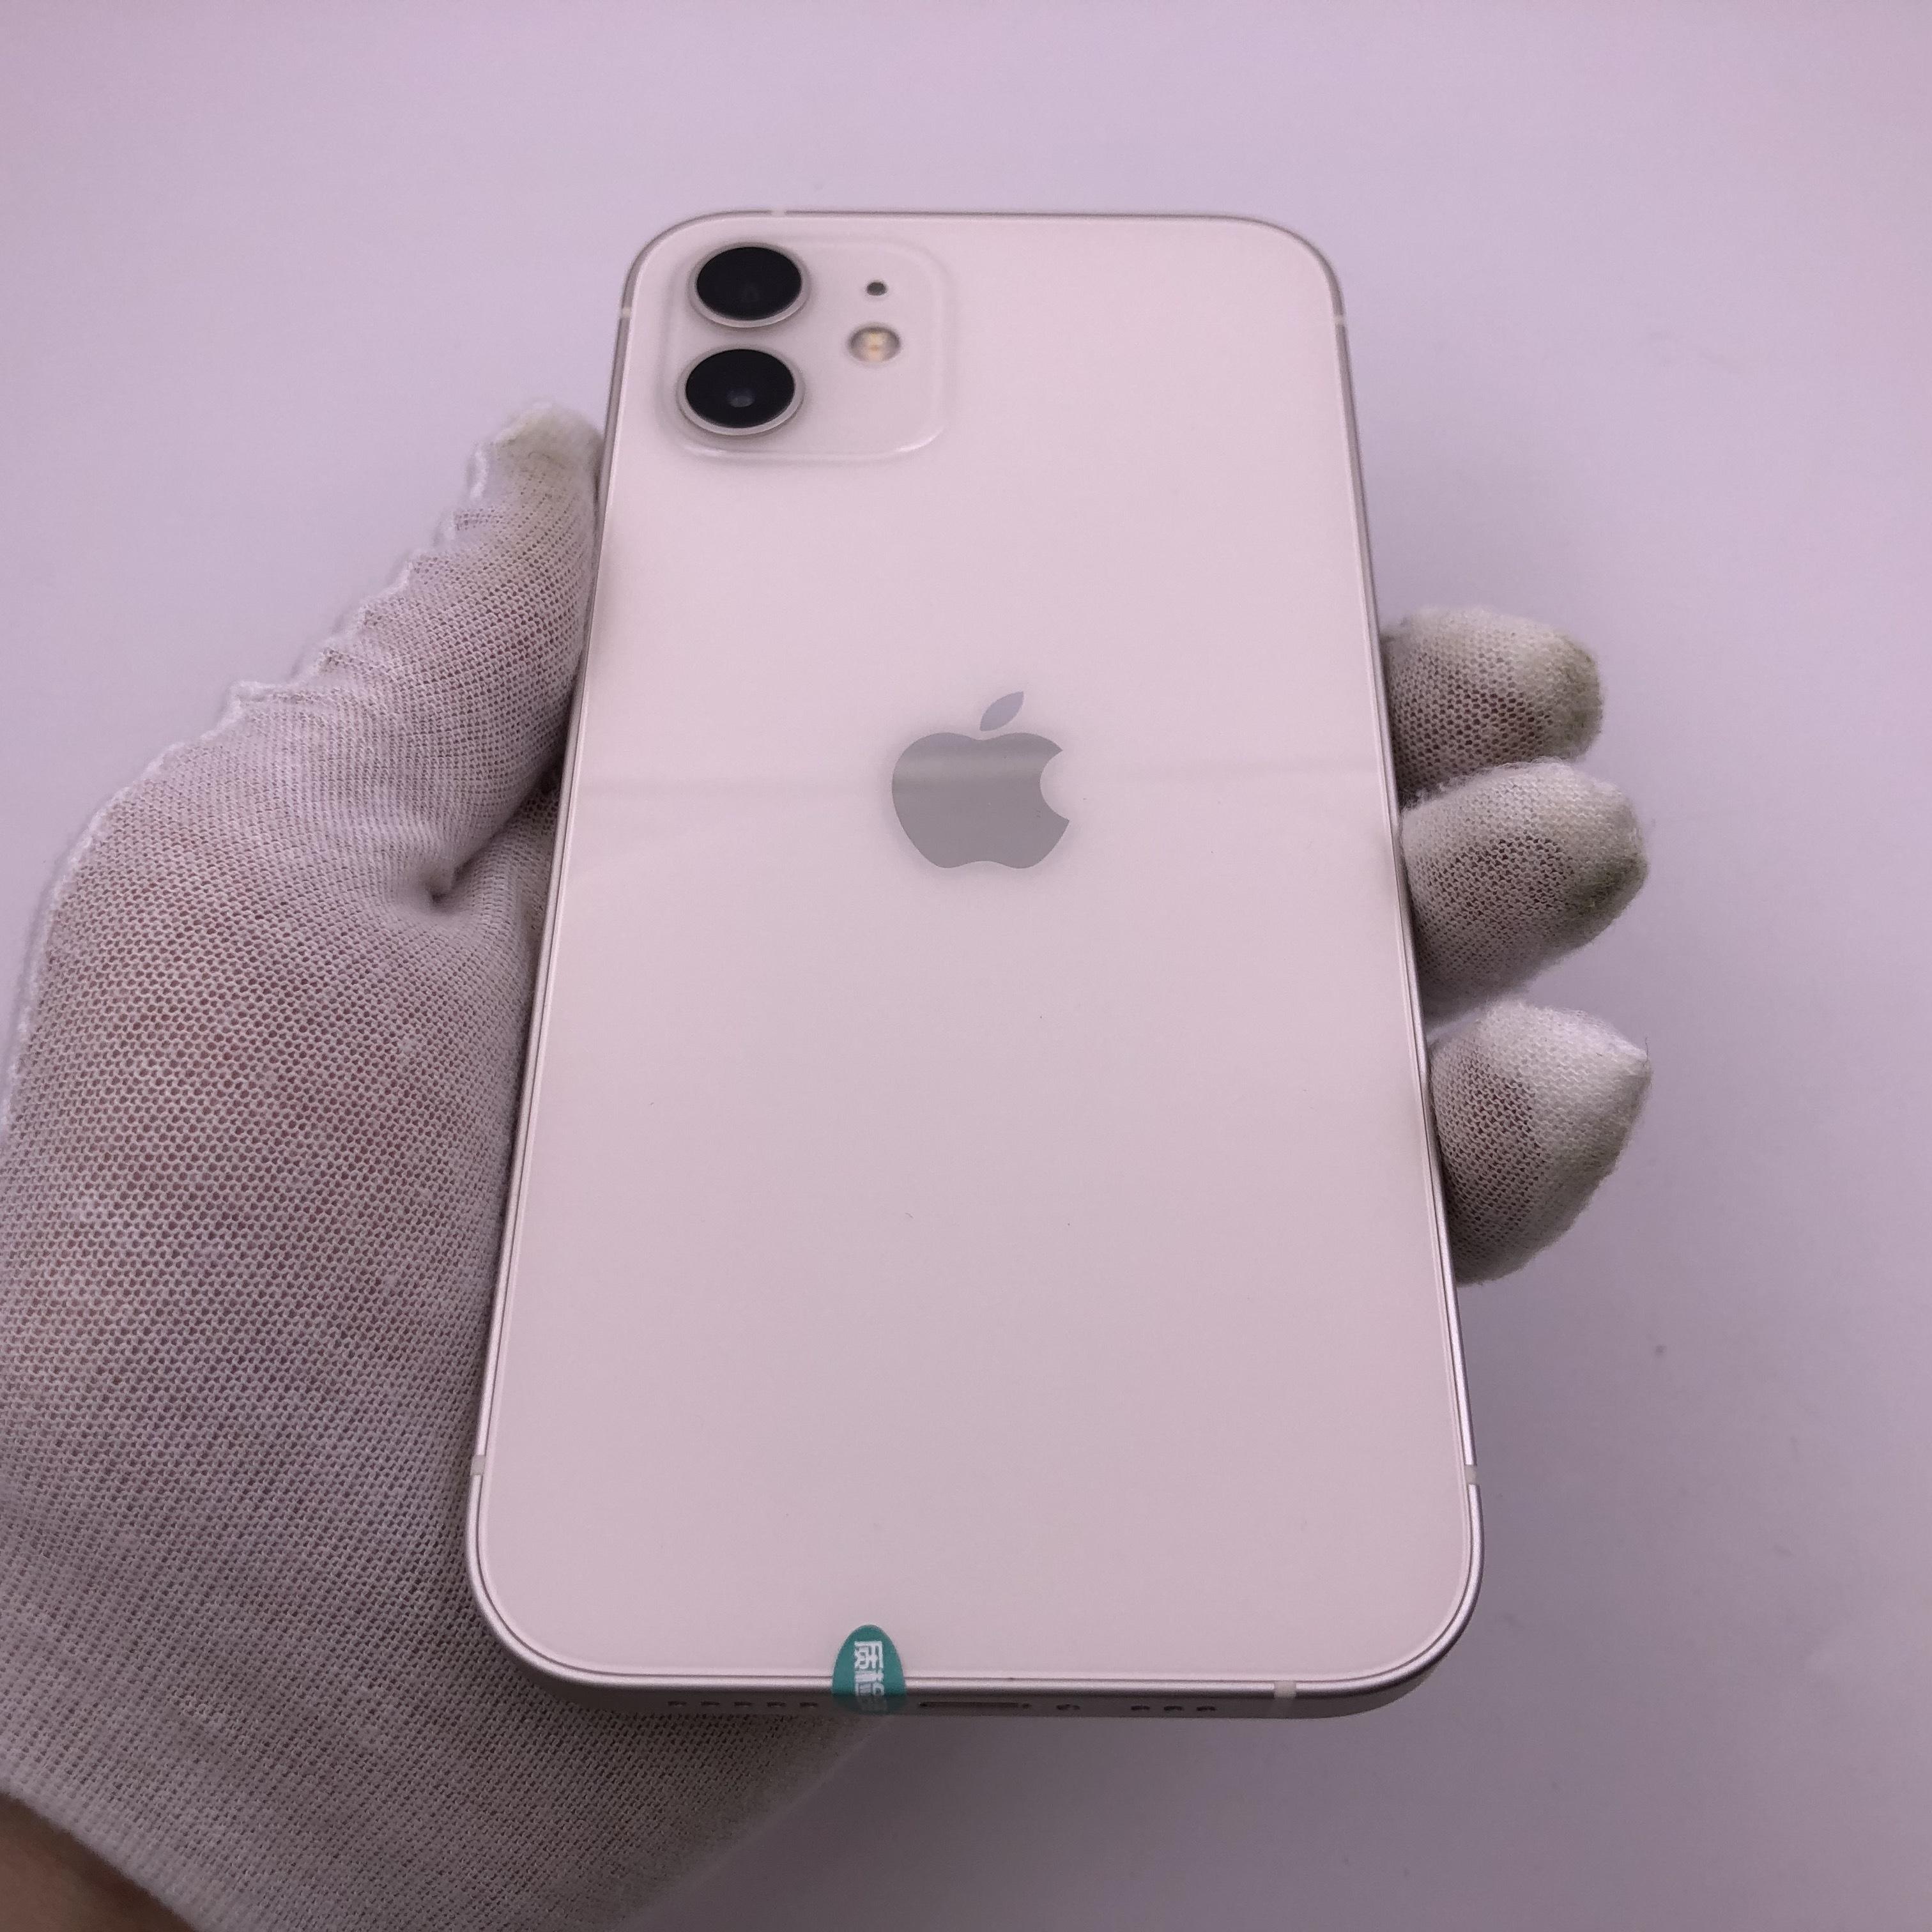 苹果【iPhone 12】5G全网通 白色 256G 国行 99新